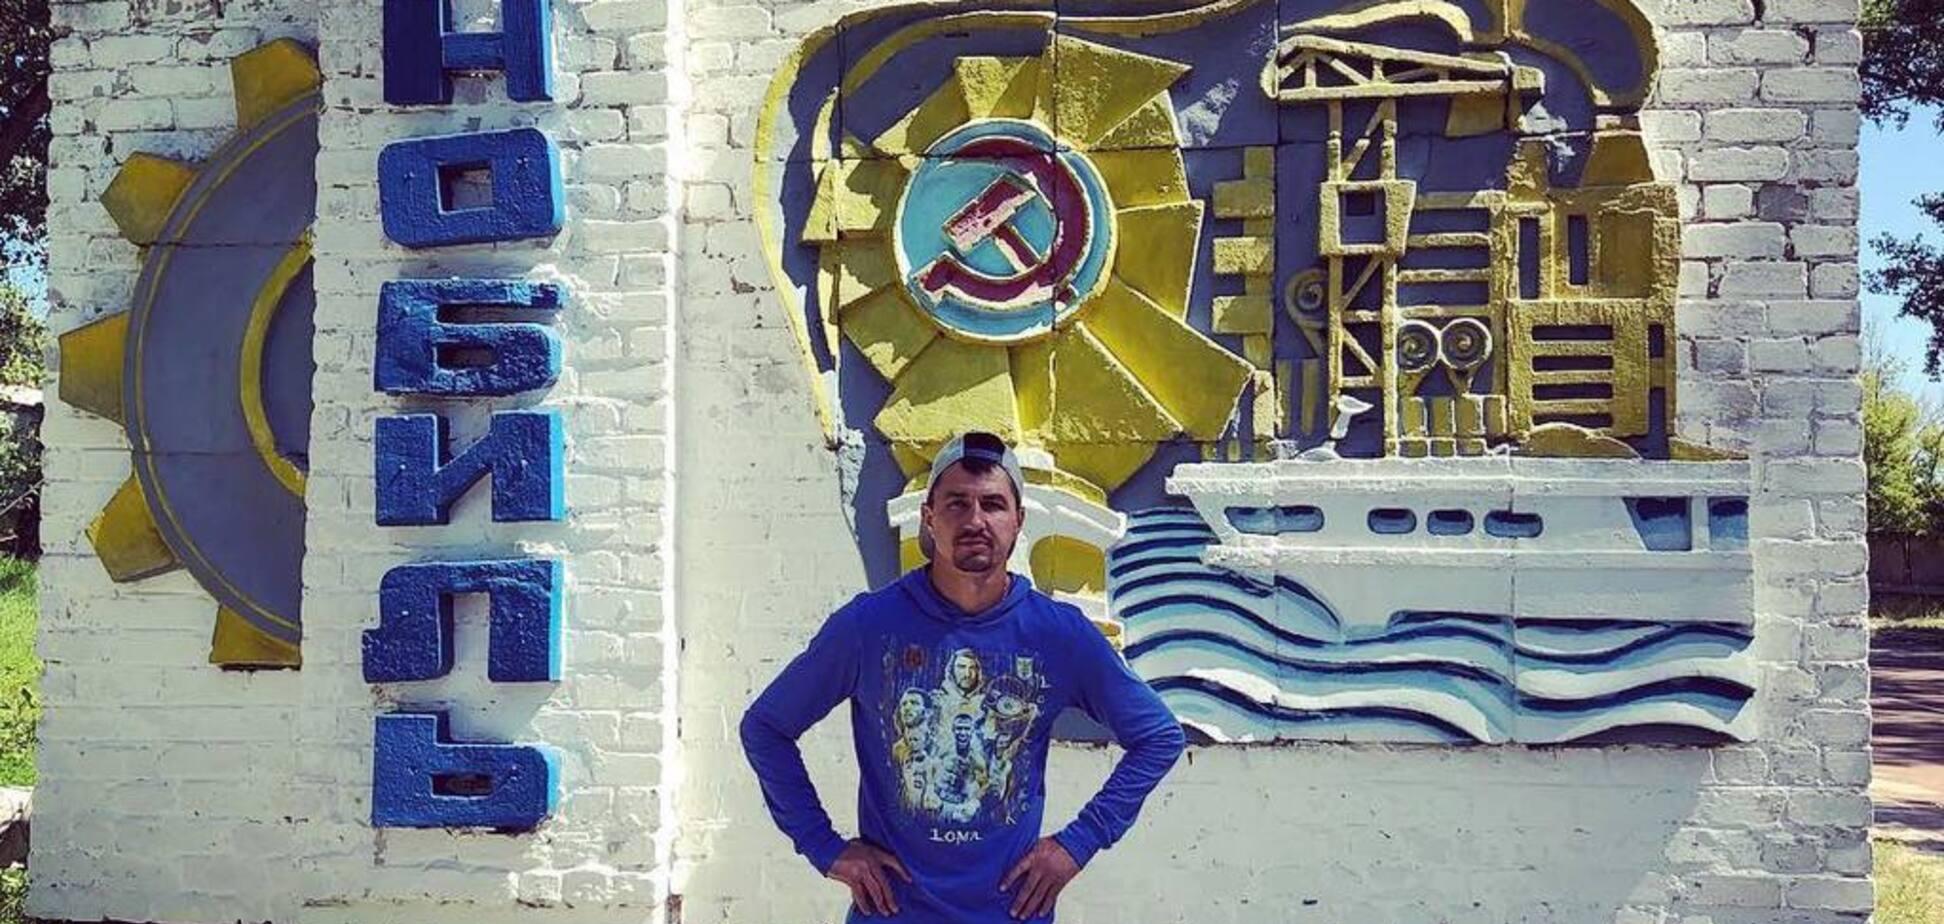 Знаменитий український боксер показав, як розважається в Чорнобилі - опубліковані фото